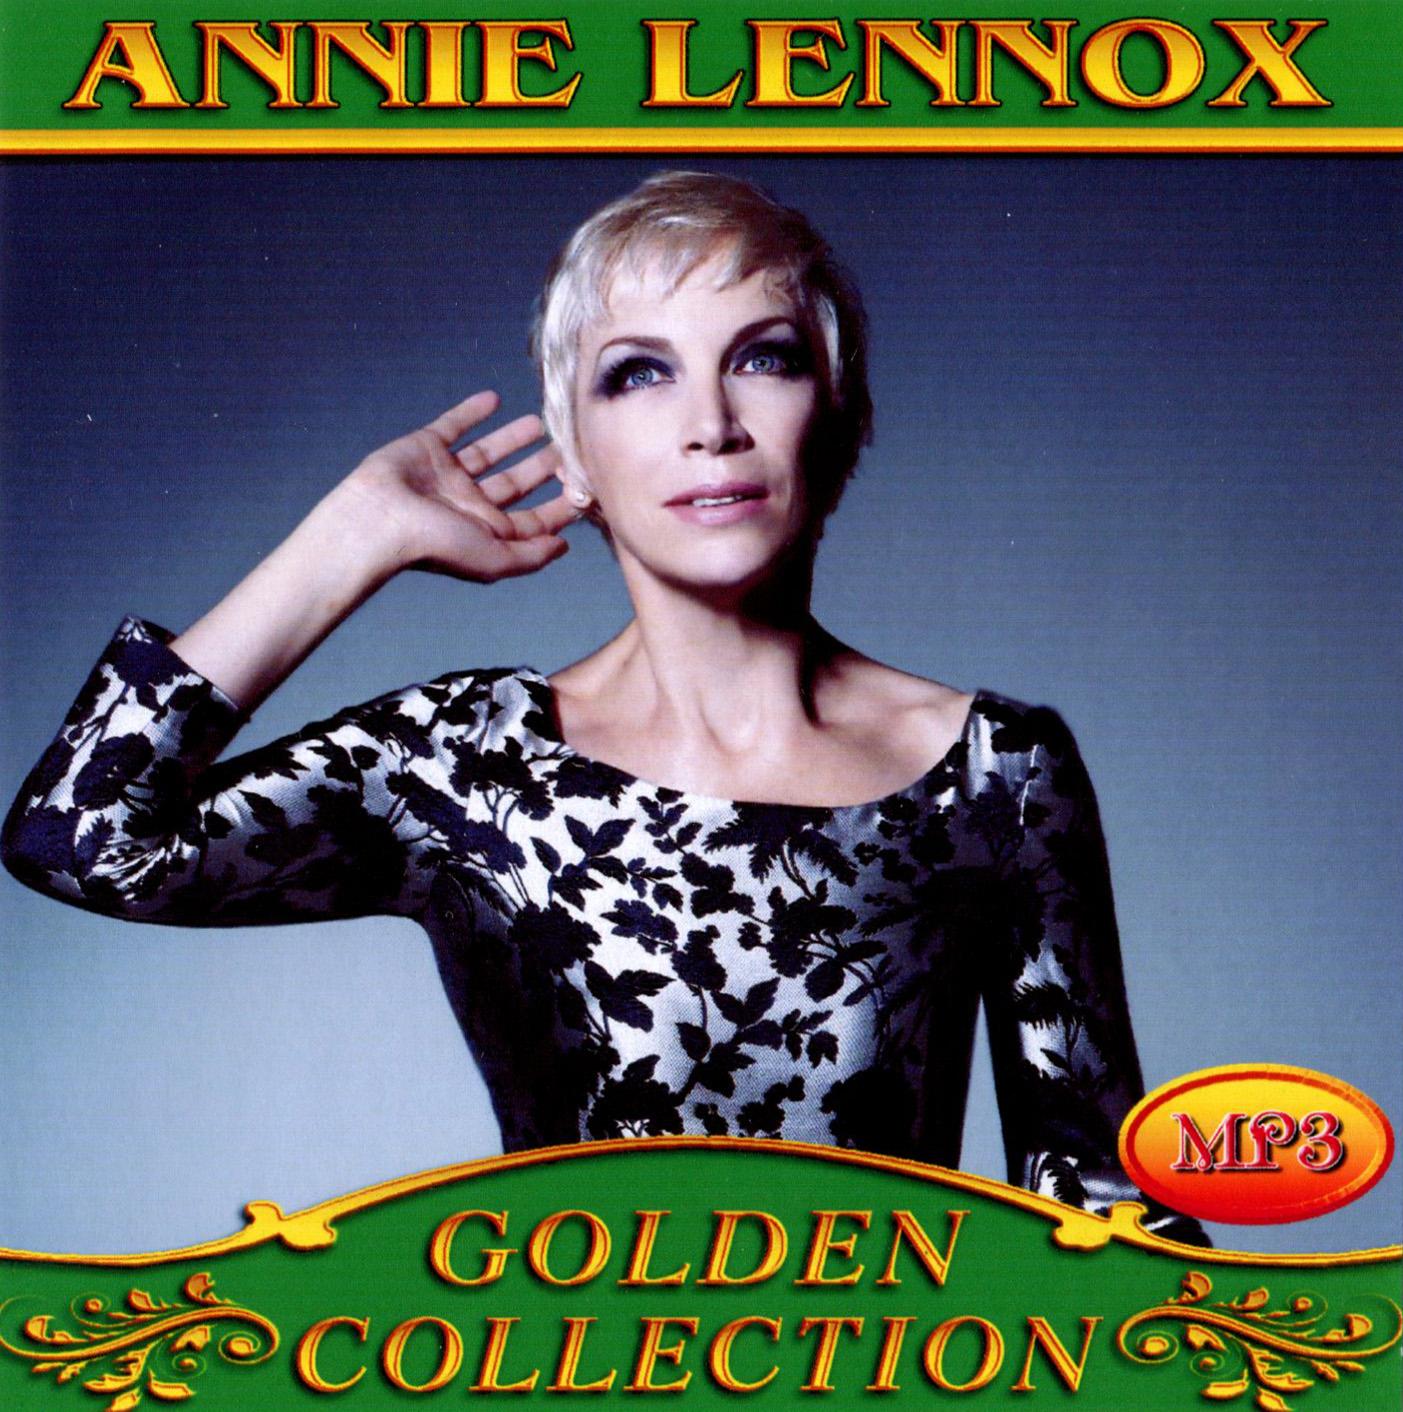 Annie Lennox [mp3]